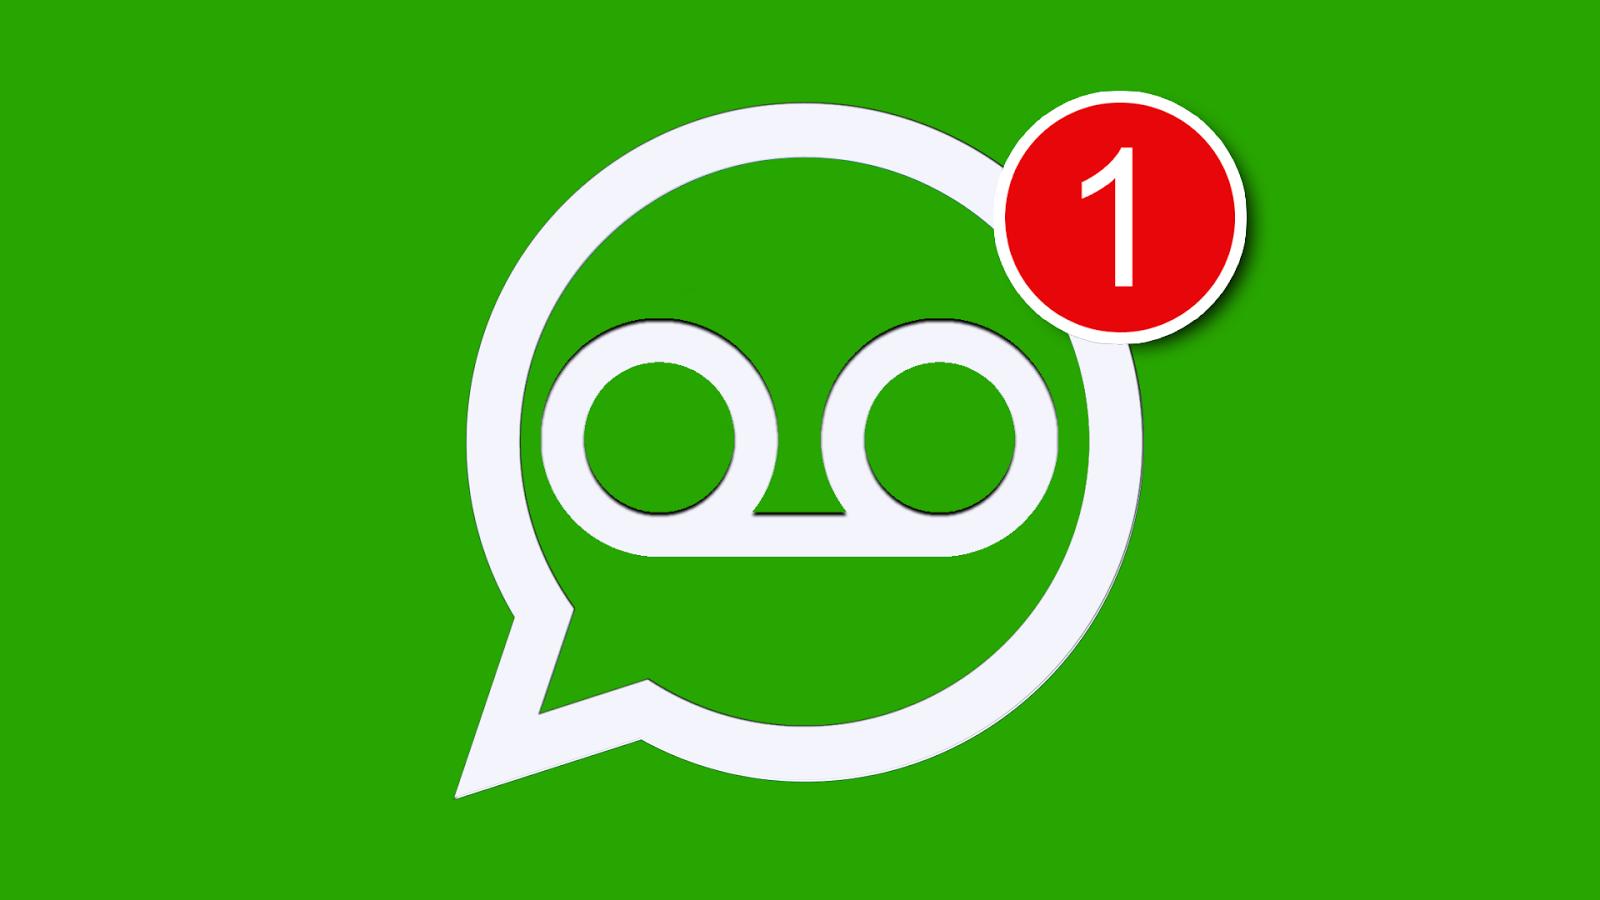 adwords chat support come rientrare in una chat dopo essere stati bannati